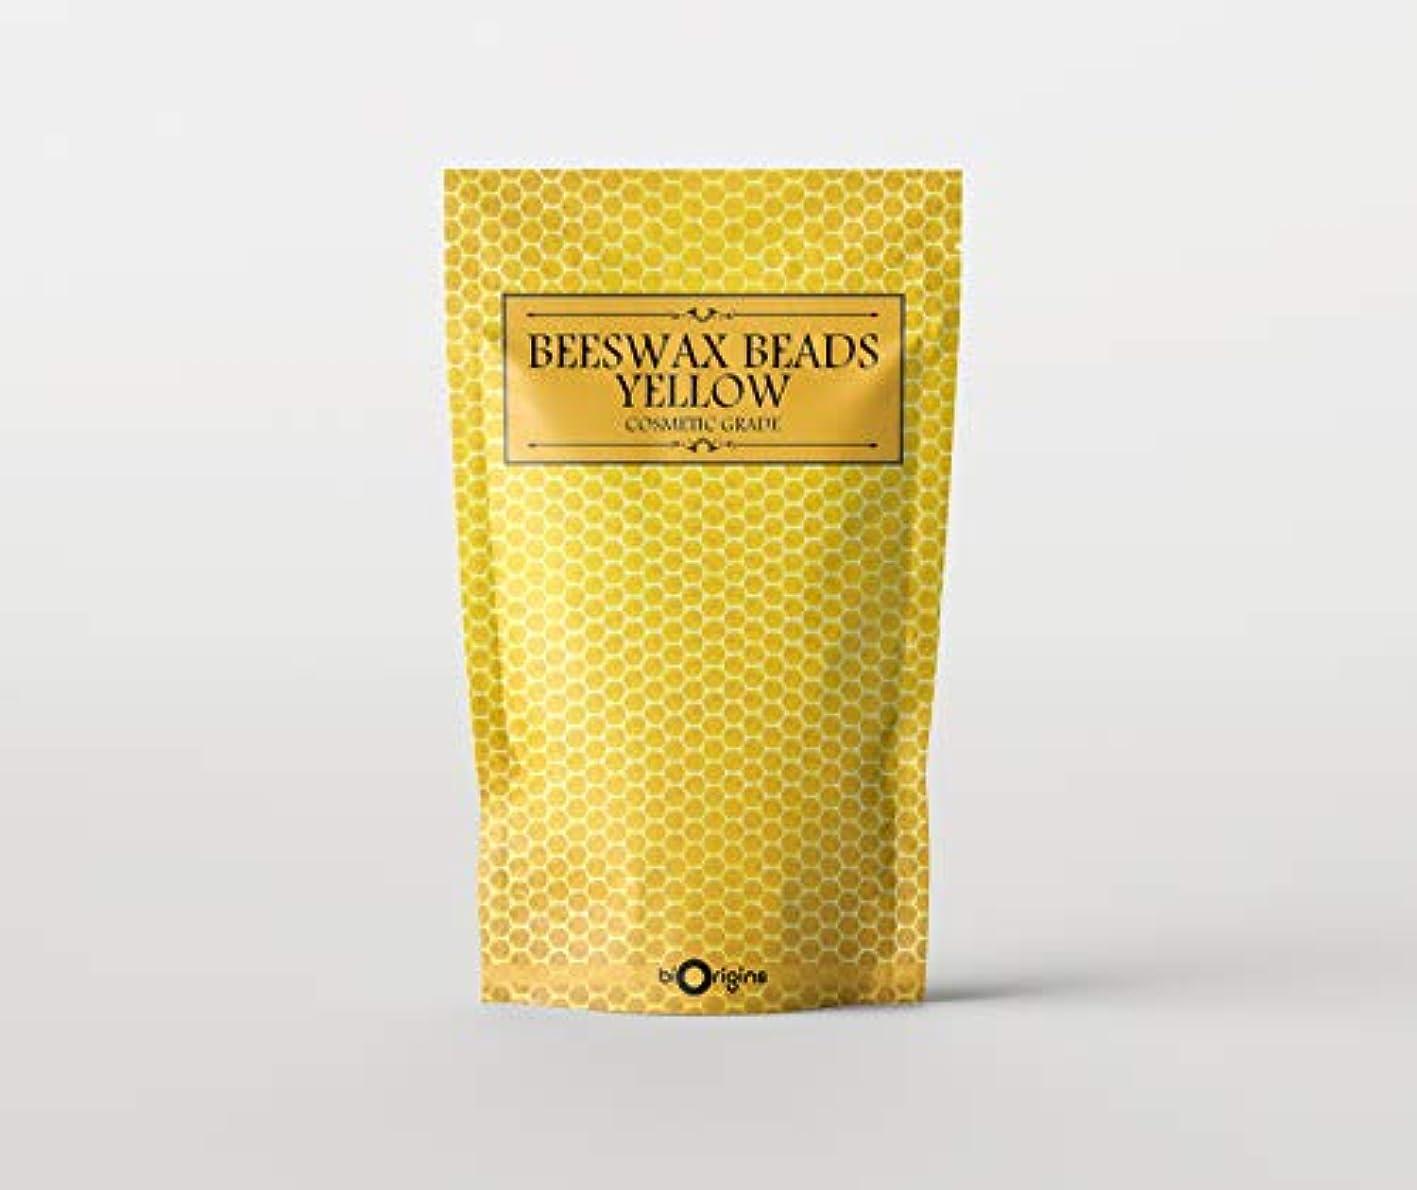 プロットヒューマニスティックディスカウントBeeswax Beads Yellow - Cosmetic Grade - 500g